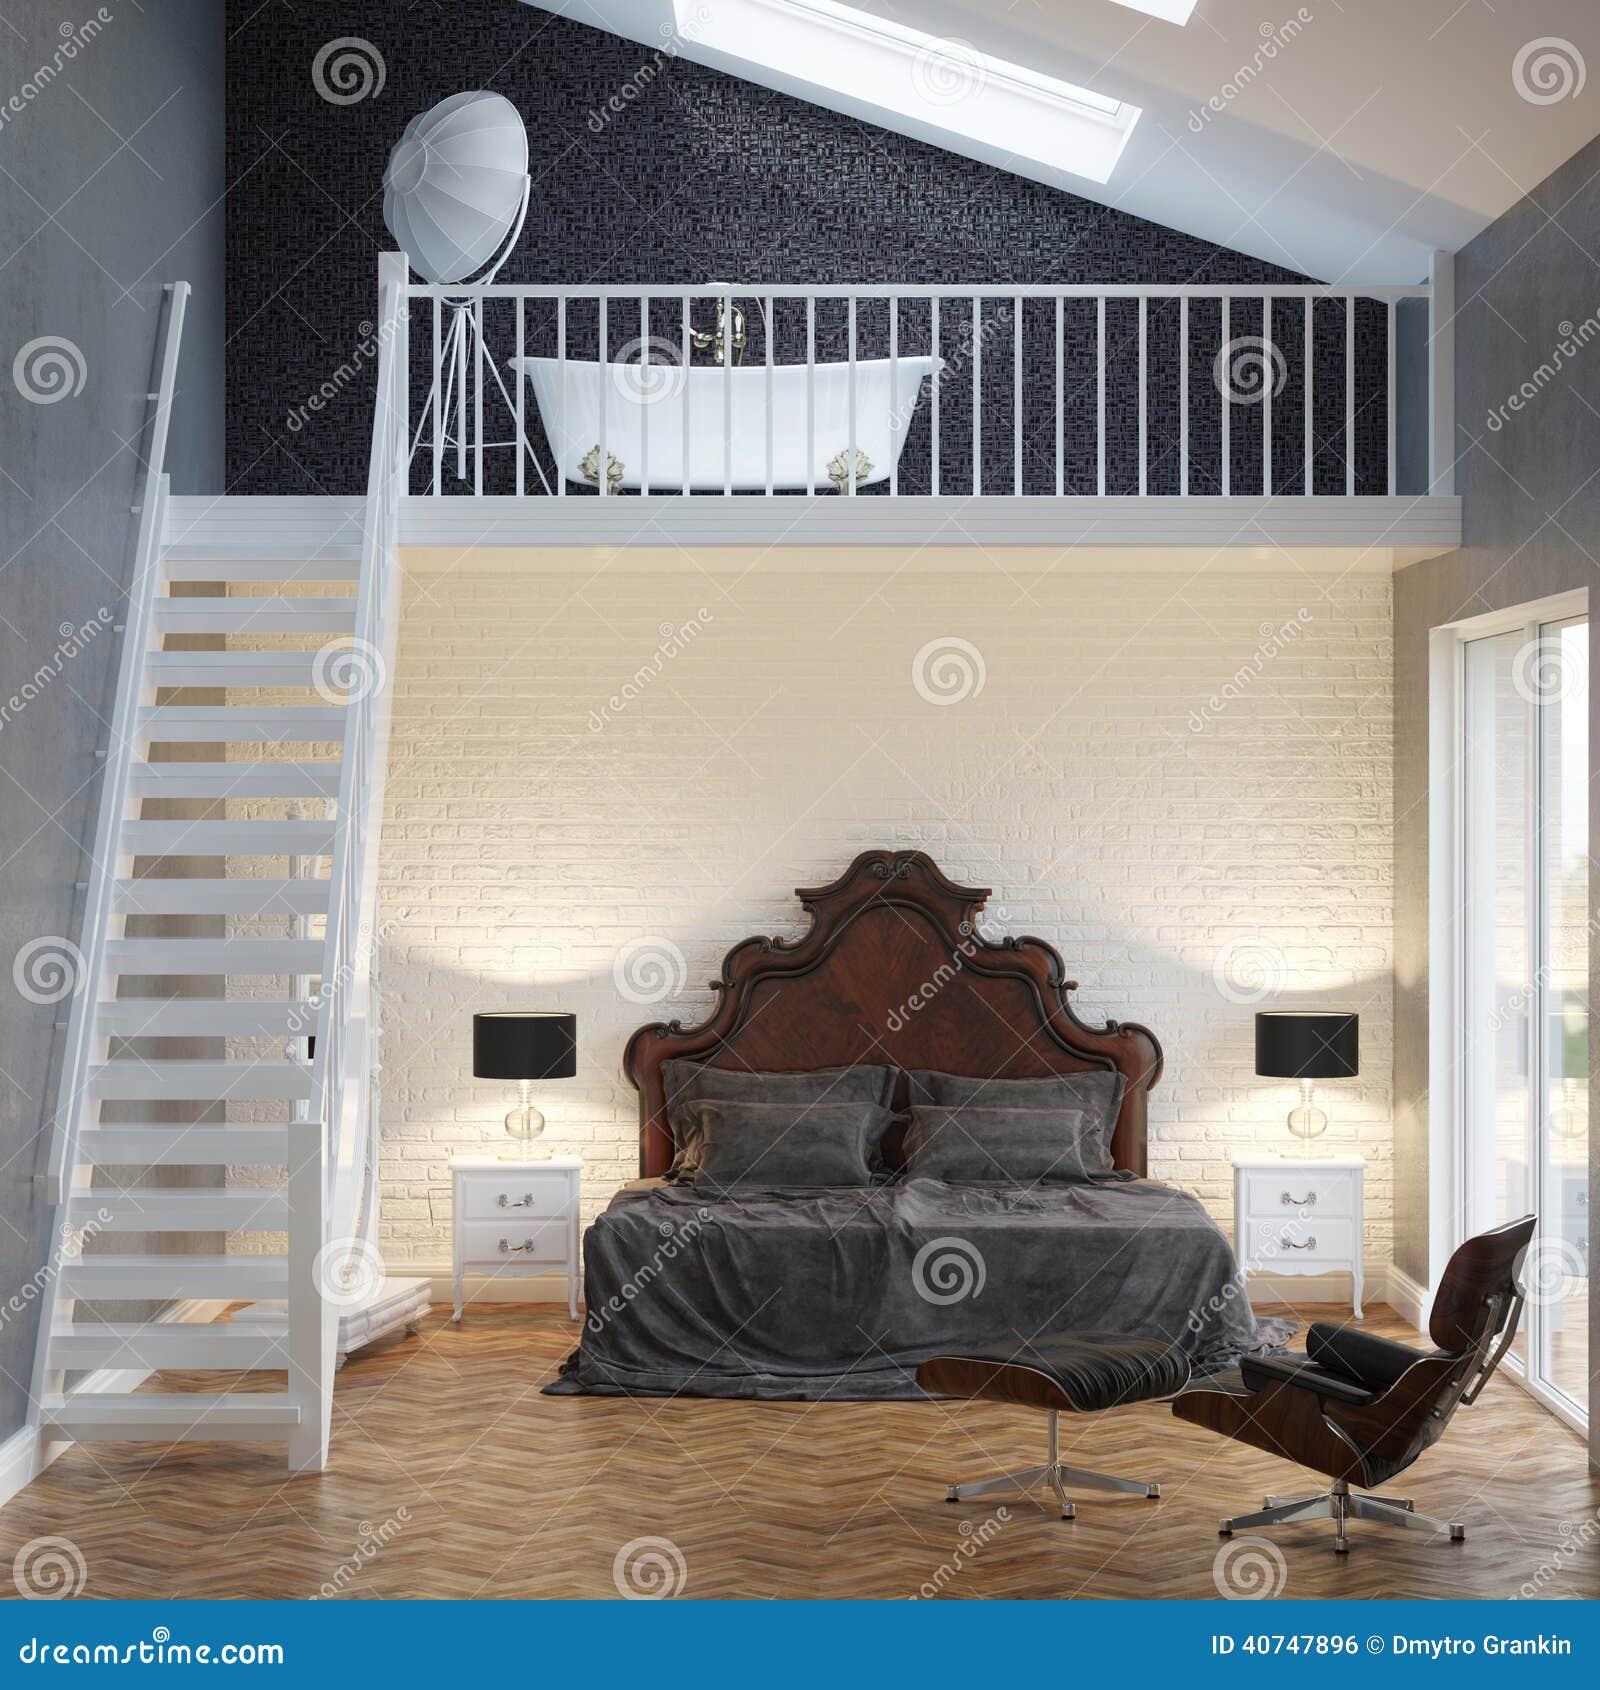 dachboden-schlafzimmer-weinlese-innenraum mit backsteinmauer und, Schlafzimmer entwurf